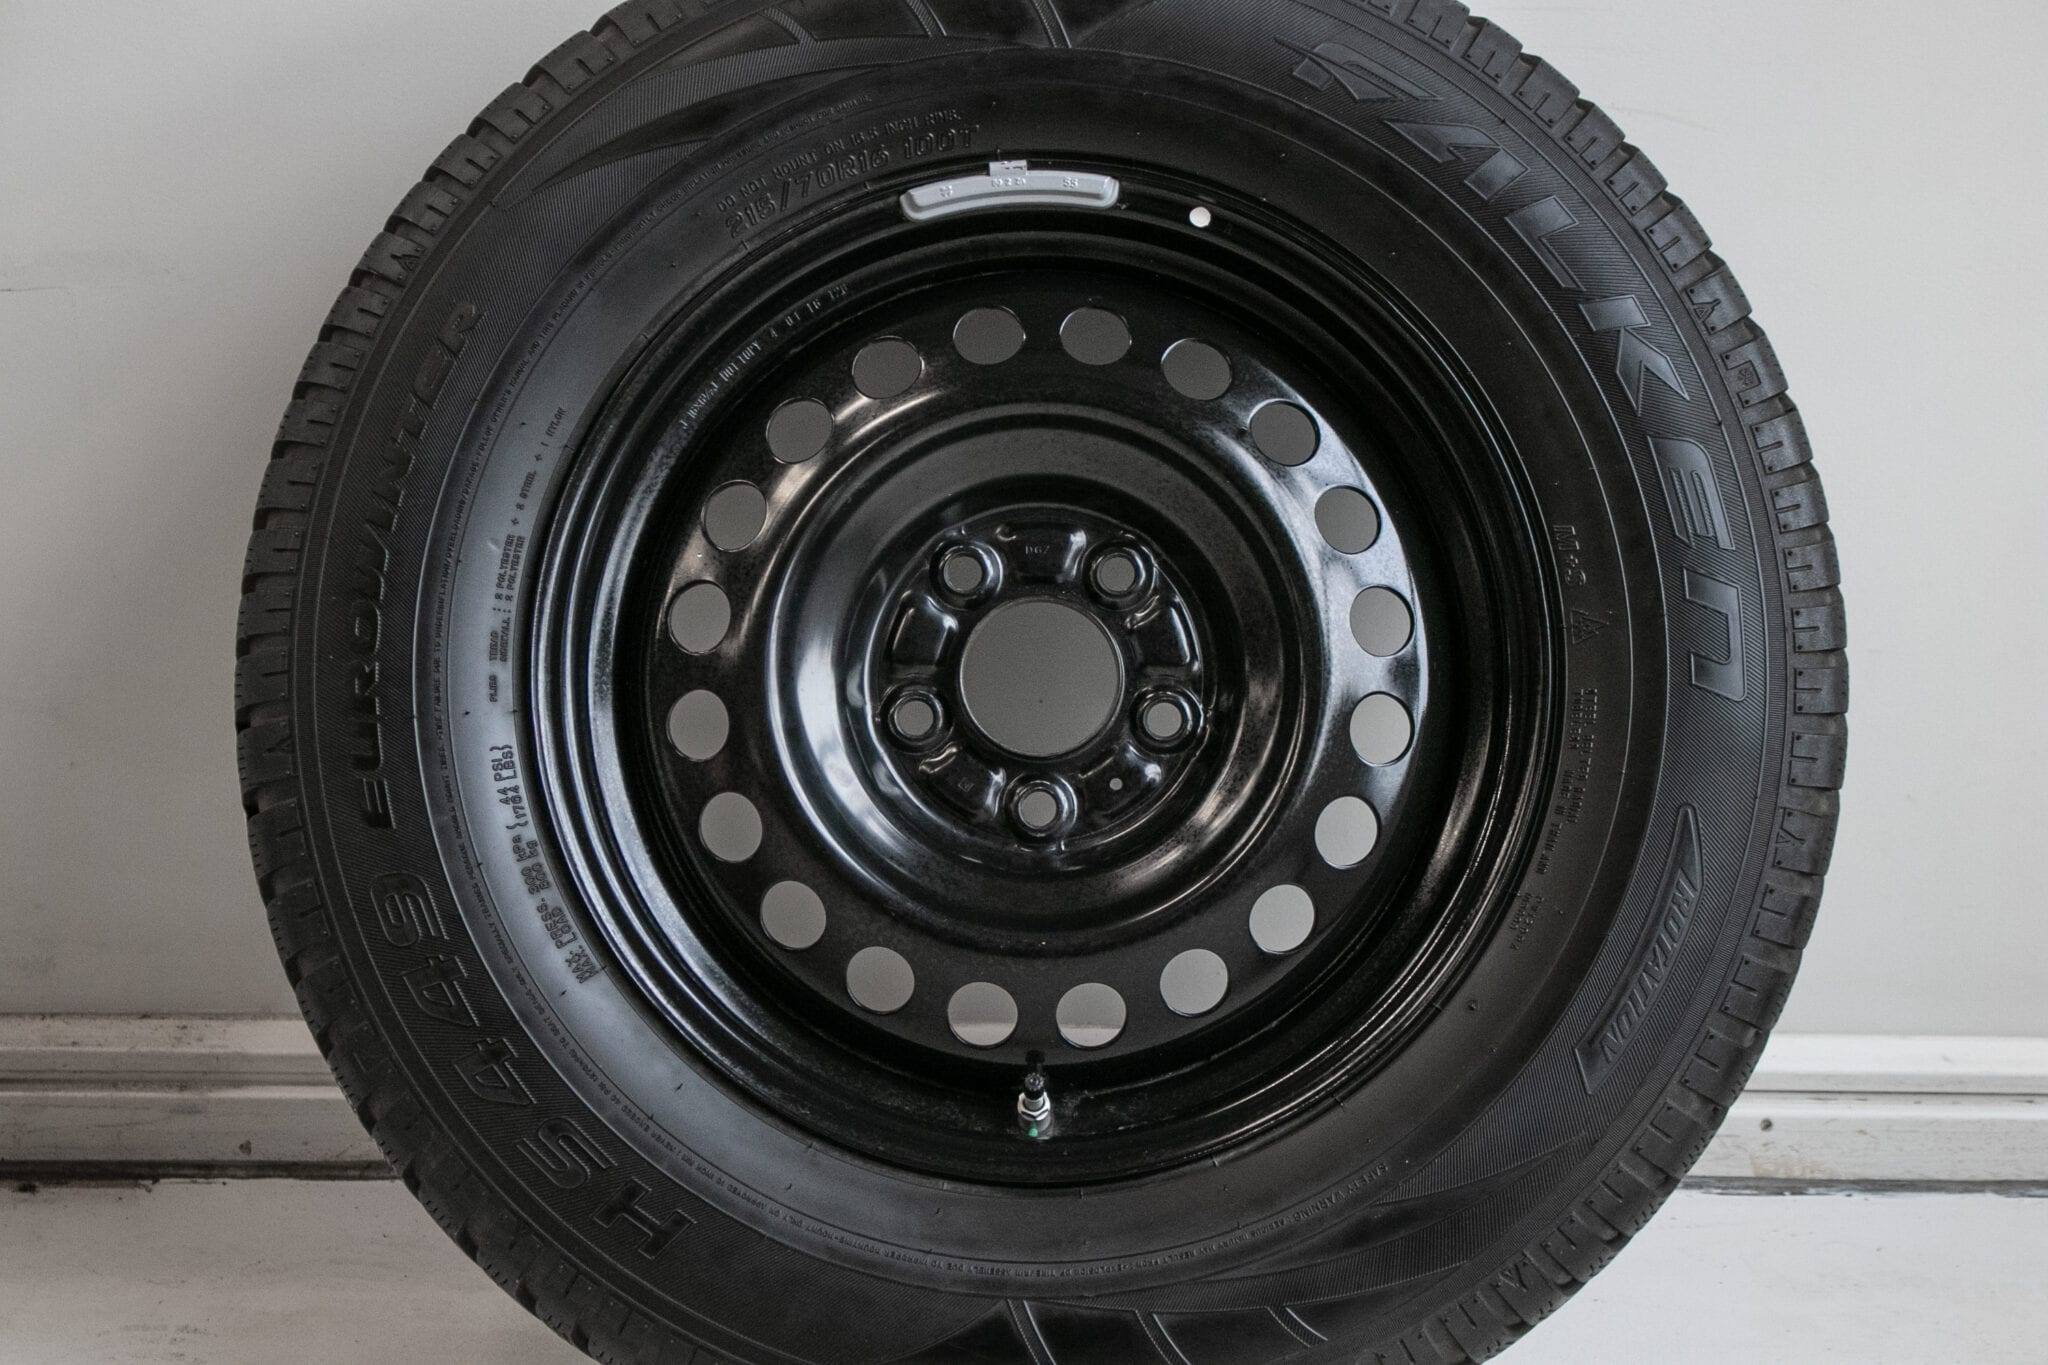 """16"""" Winterwielen voor o.a. een Mitsubishi ASX, Outlander of Eclipse Cross met bandenspanningssensoren. €249,- Gebruikt. 7.2mm - 7.4mm"""